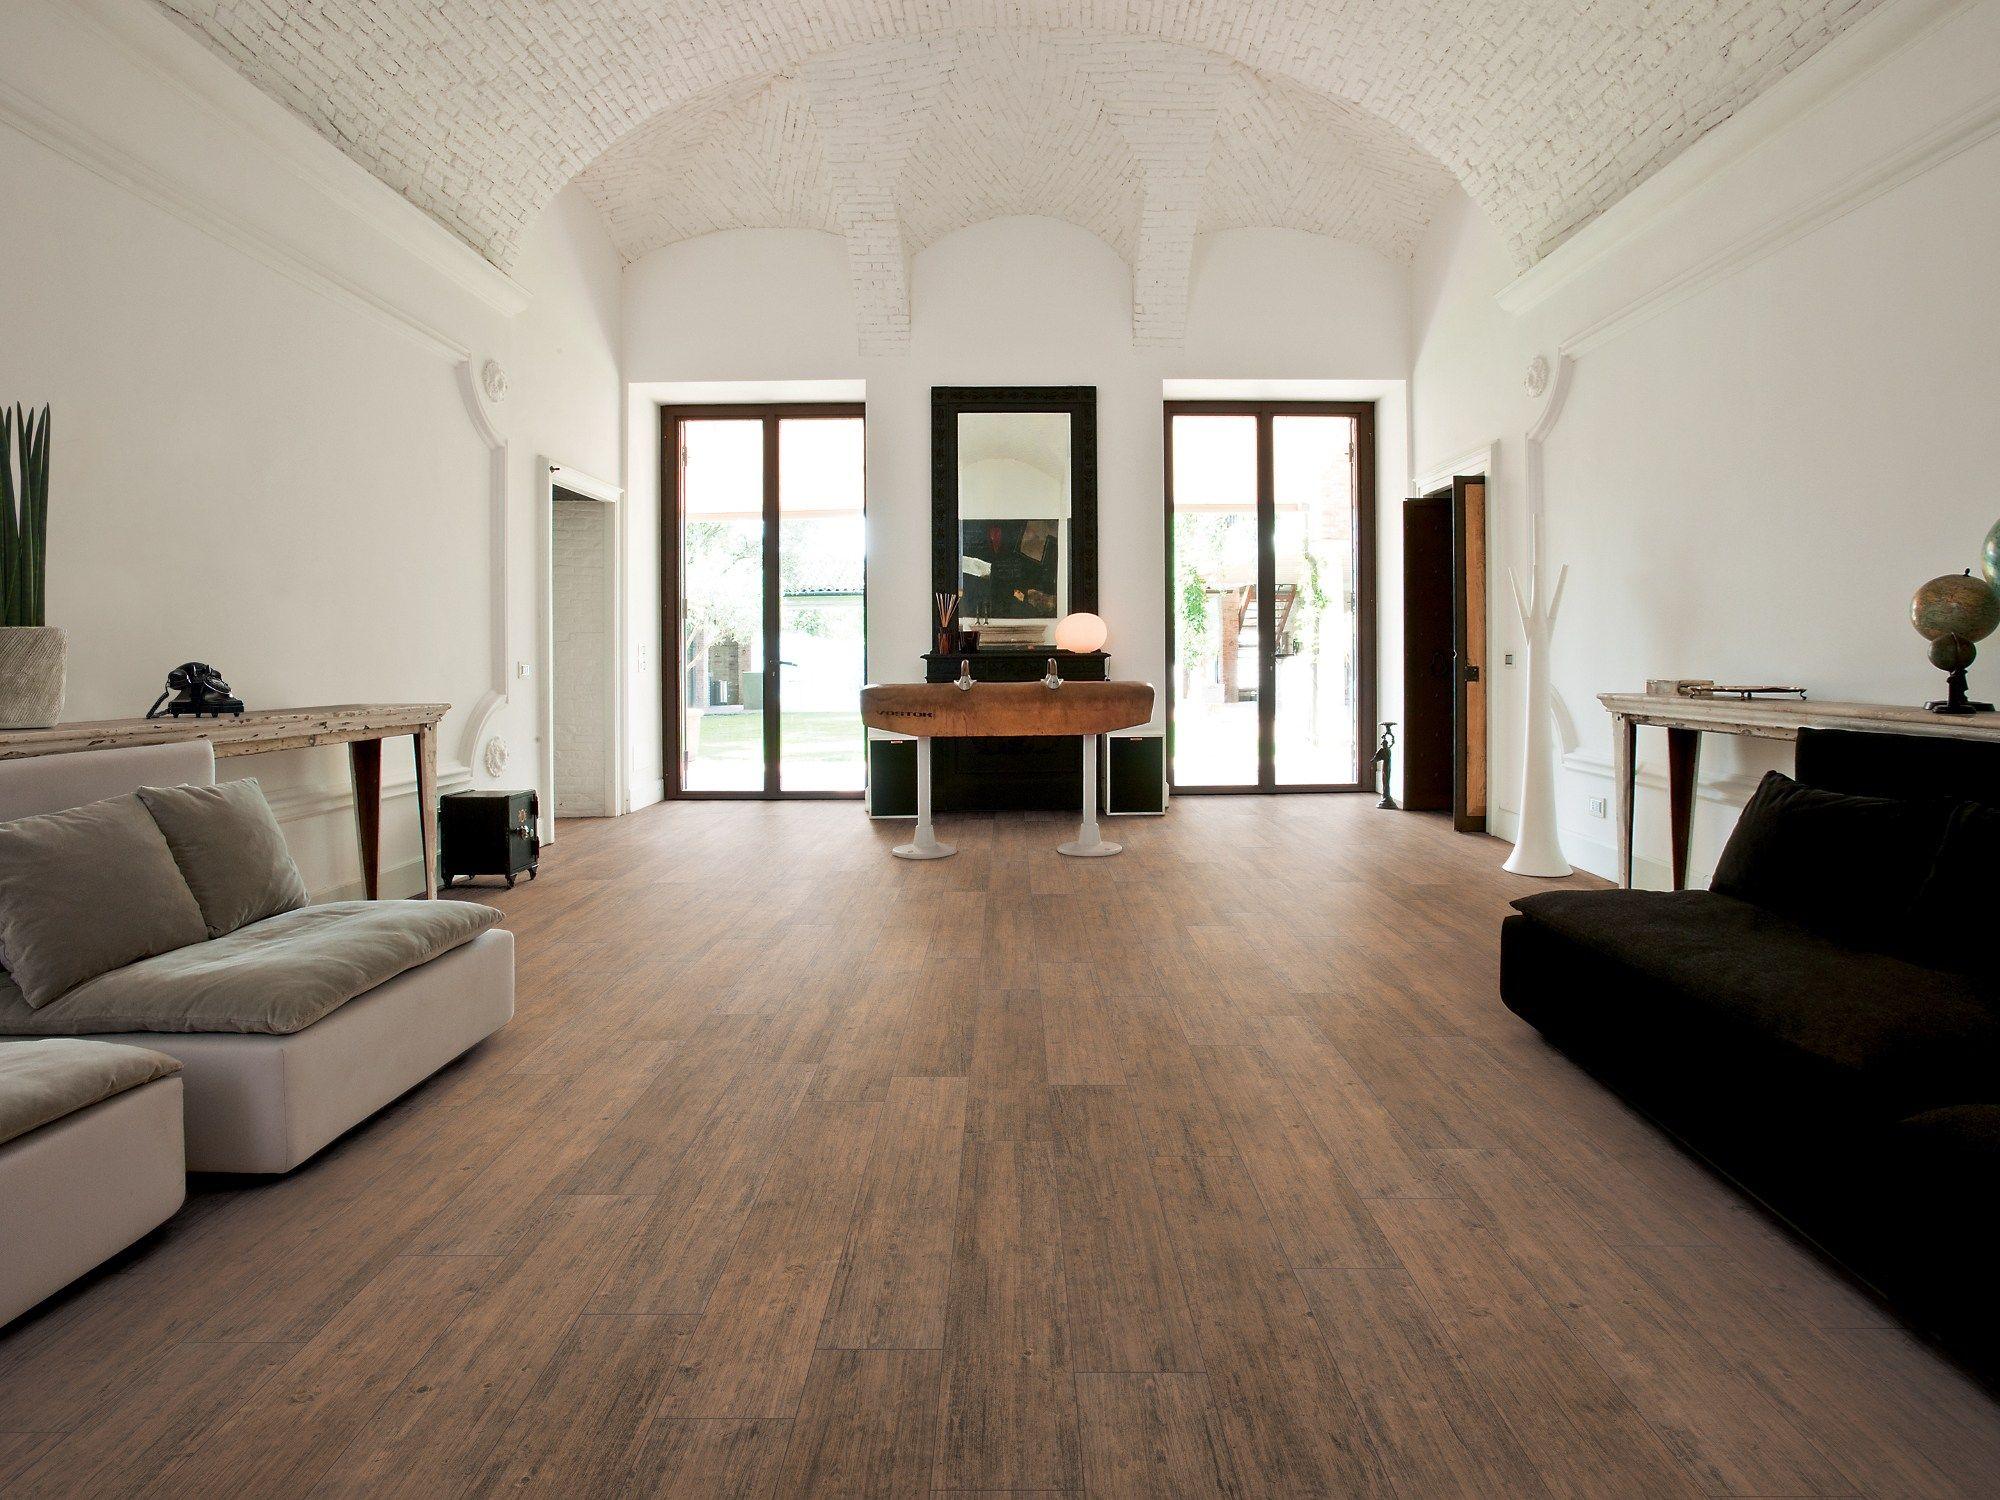 Pavimento in ceramica effetto legno teatro by ceramiche refin pavimento in ceramica effetto legno teatro by ceramiche refin doublecrazyfo Choice Image